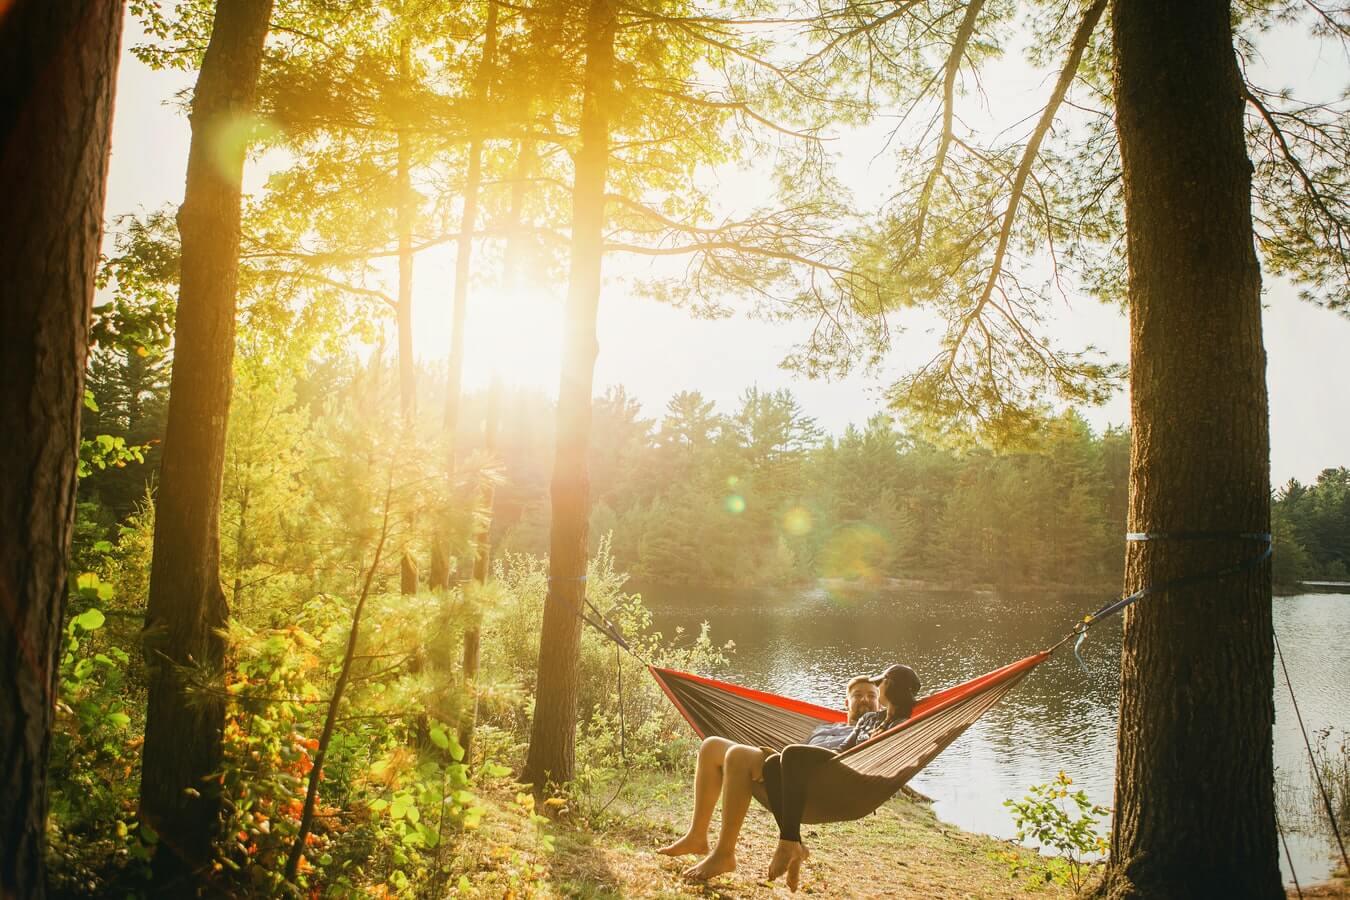 Camping Veluwe